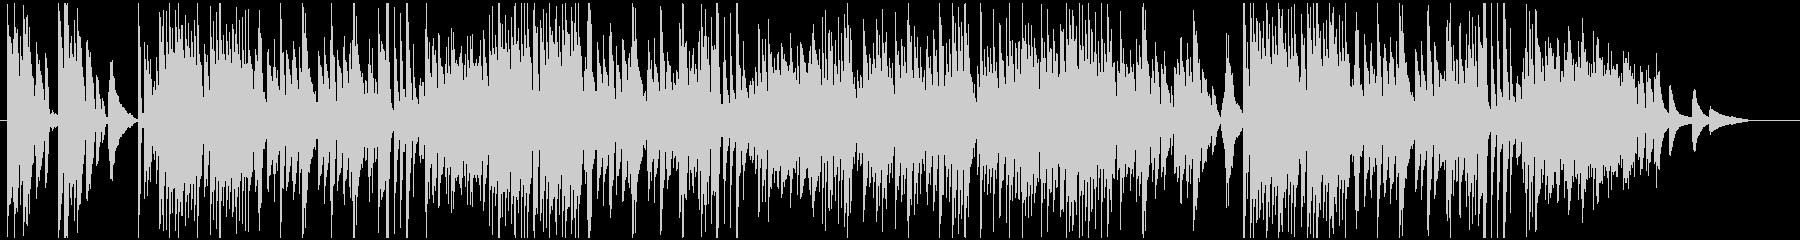 シンプル!わくわくファンシーなピアノ曲の未再生の波形